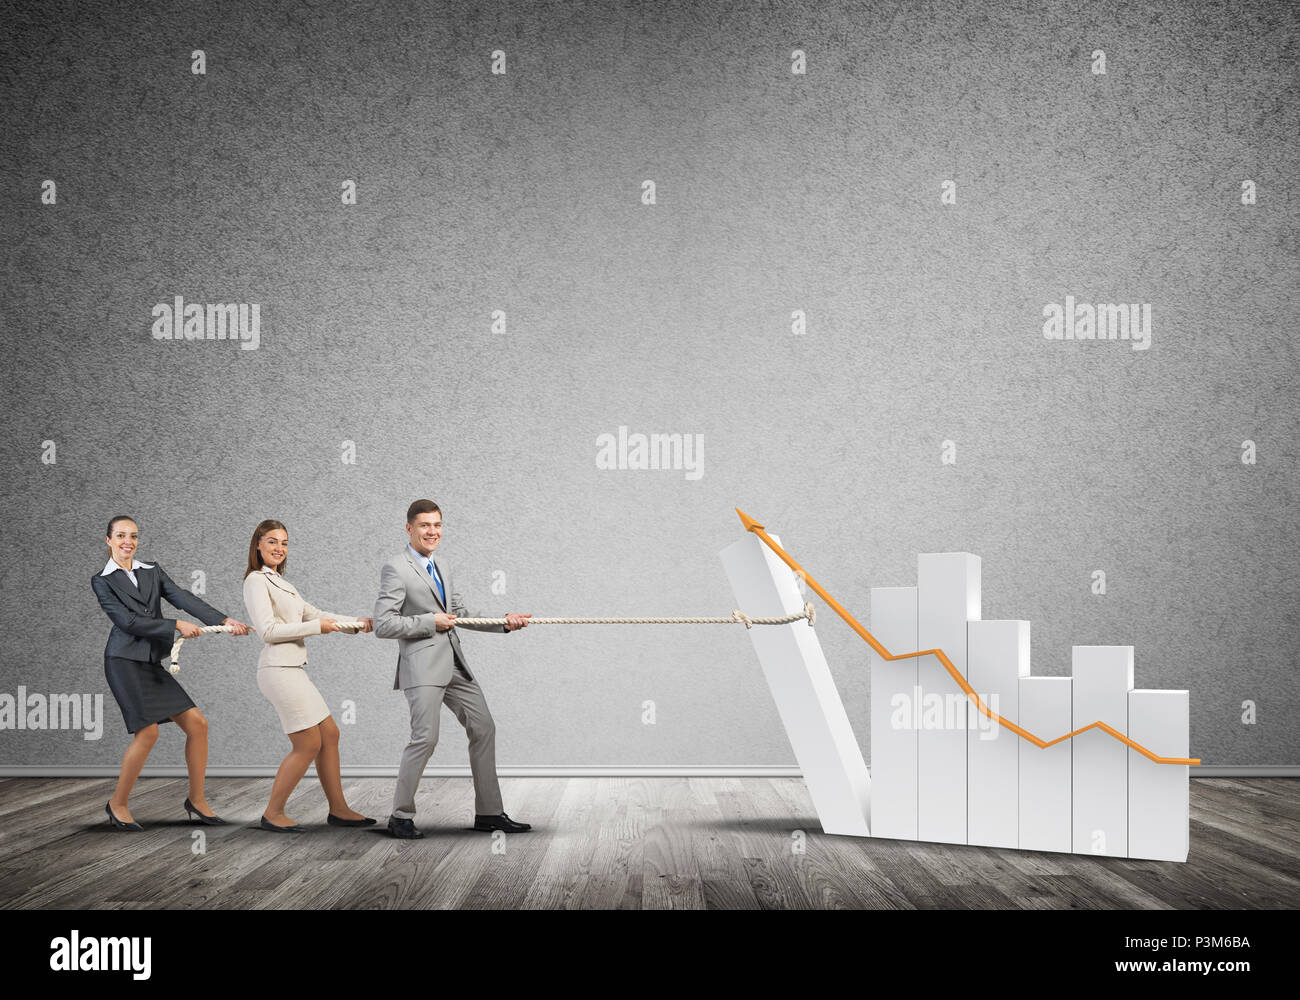 Businessteam in Zusammenarbeit ziehen Graph mit einem Seil als Symbol von macht und Kontrolle Stockbild